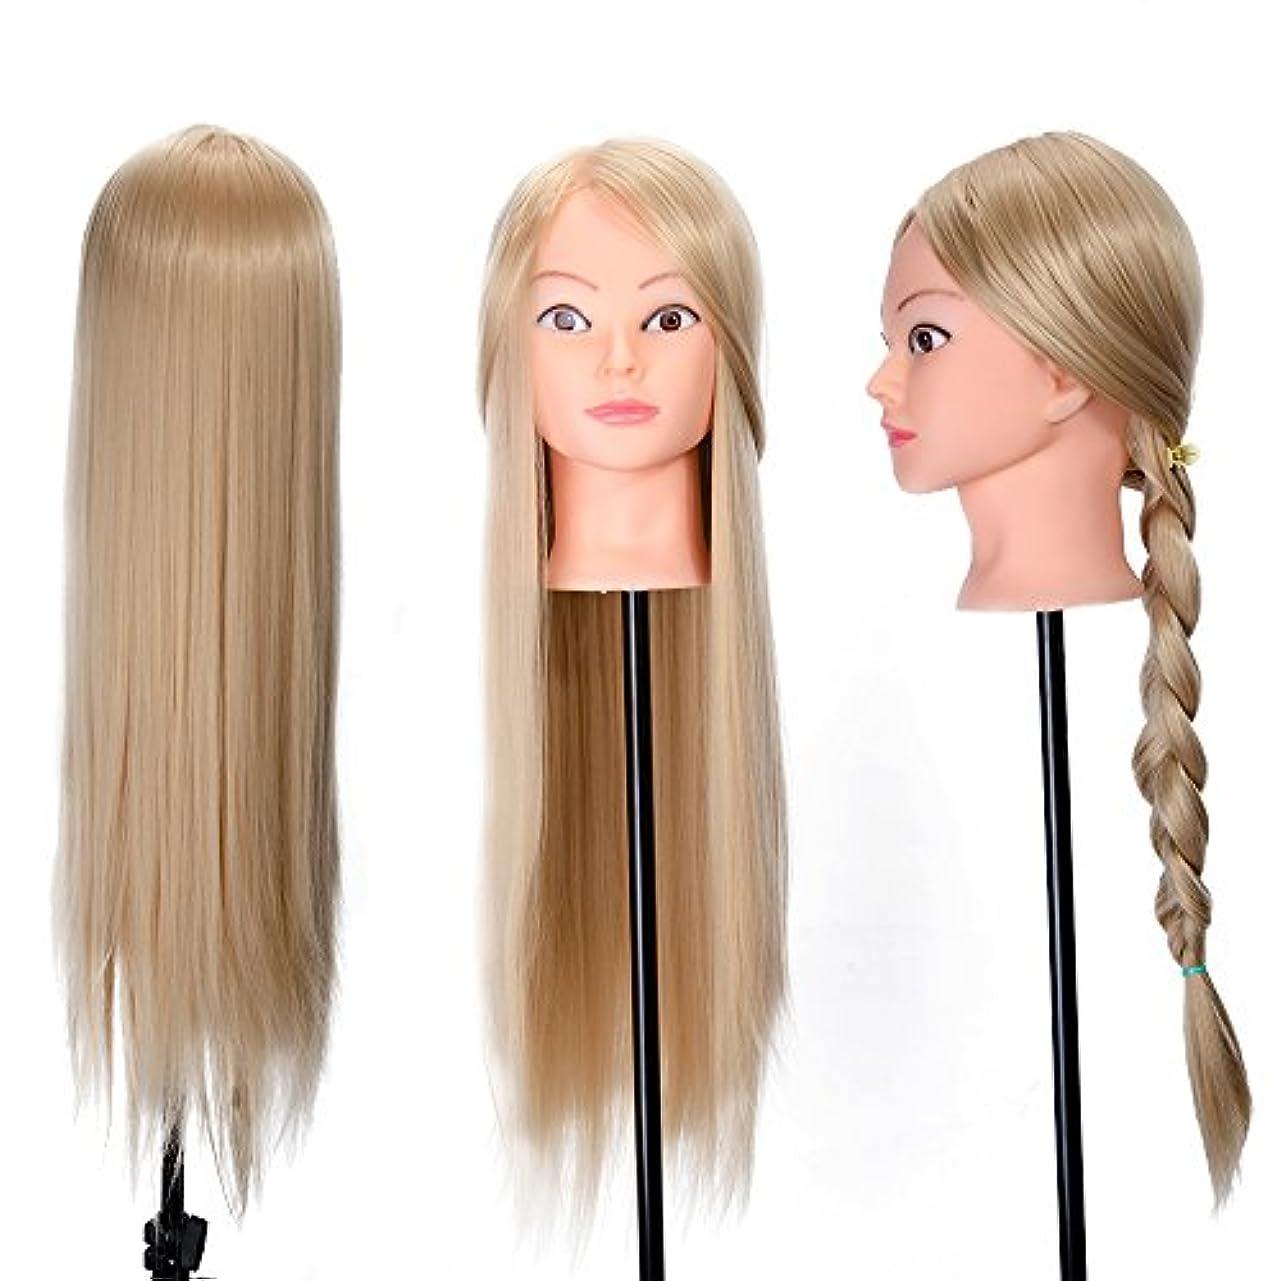 ソロ連合立派な26インチトレーニングヘッドヘア編組モデルヘアスタイル人形でテーブルクランプサロンスタイリングデザインマネキンダミーヘッド